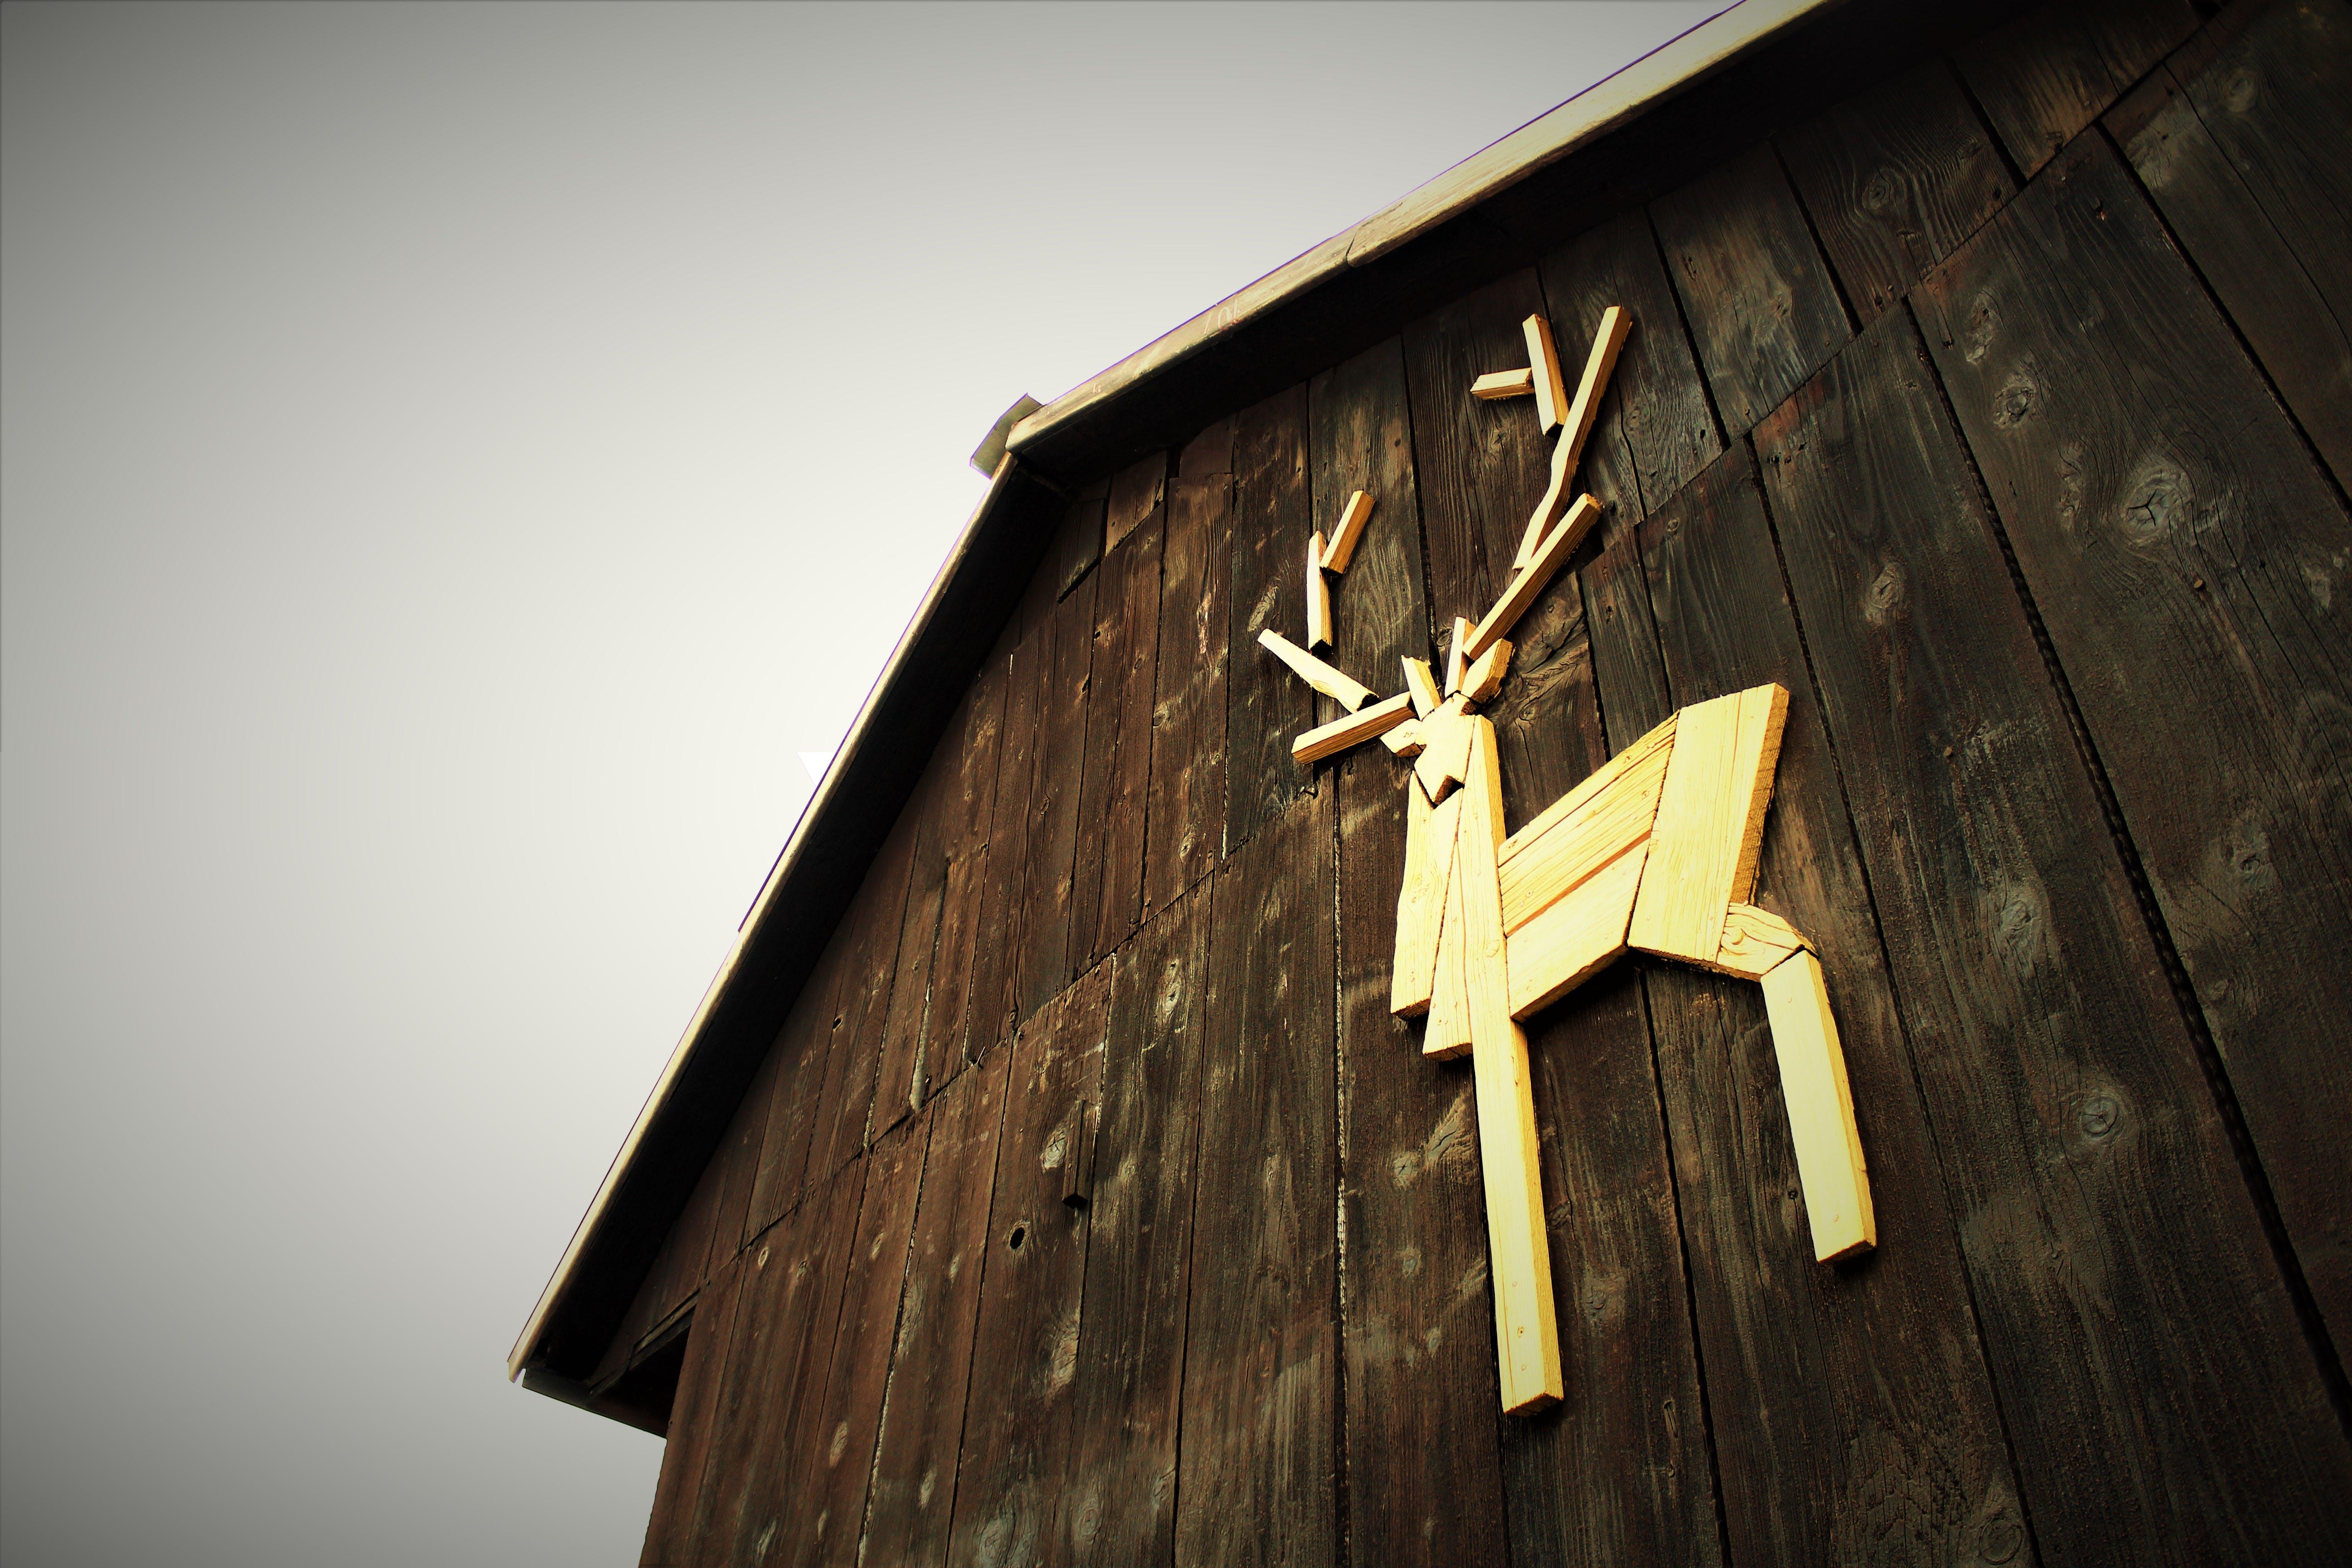 Ảnh lưu trữ miễn phí về ảnh cổ điển, bề mặt gỗ, cabin gỗ, cấu trúc bằng gỗ